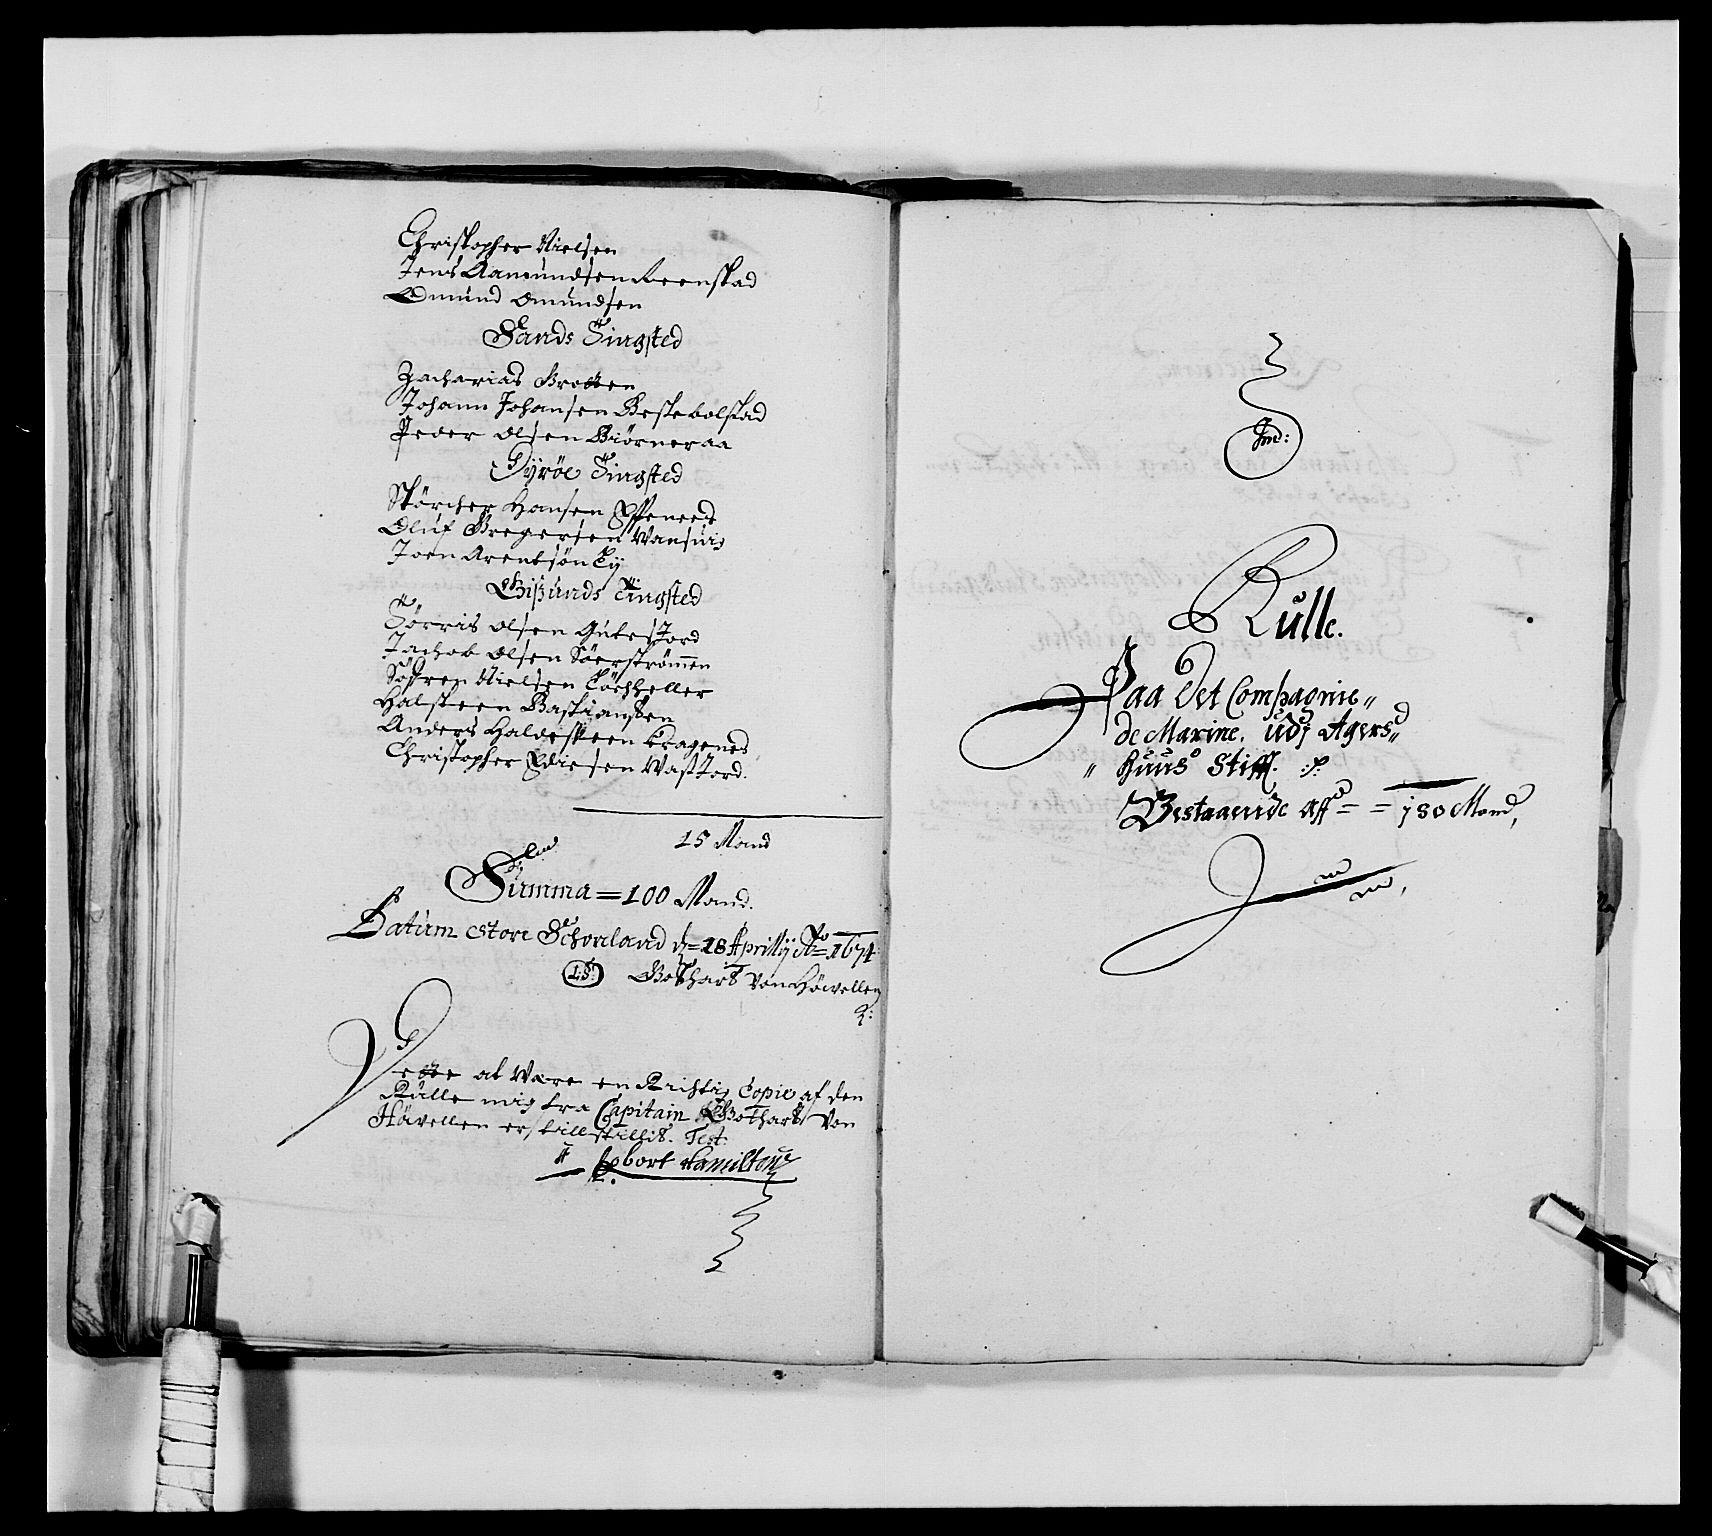 RA, Kommanderende general (KG I) med Det norske krigsdirektorium, E/Ea/L0473: Marineregimentet, 1664-1700, s. 107